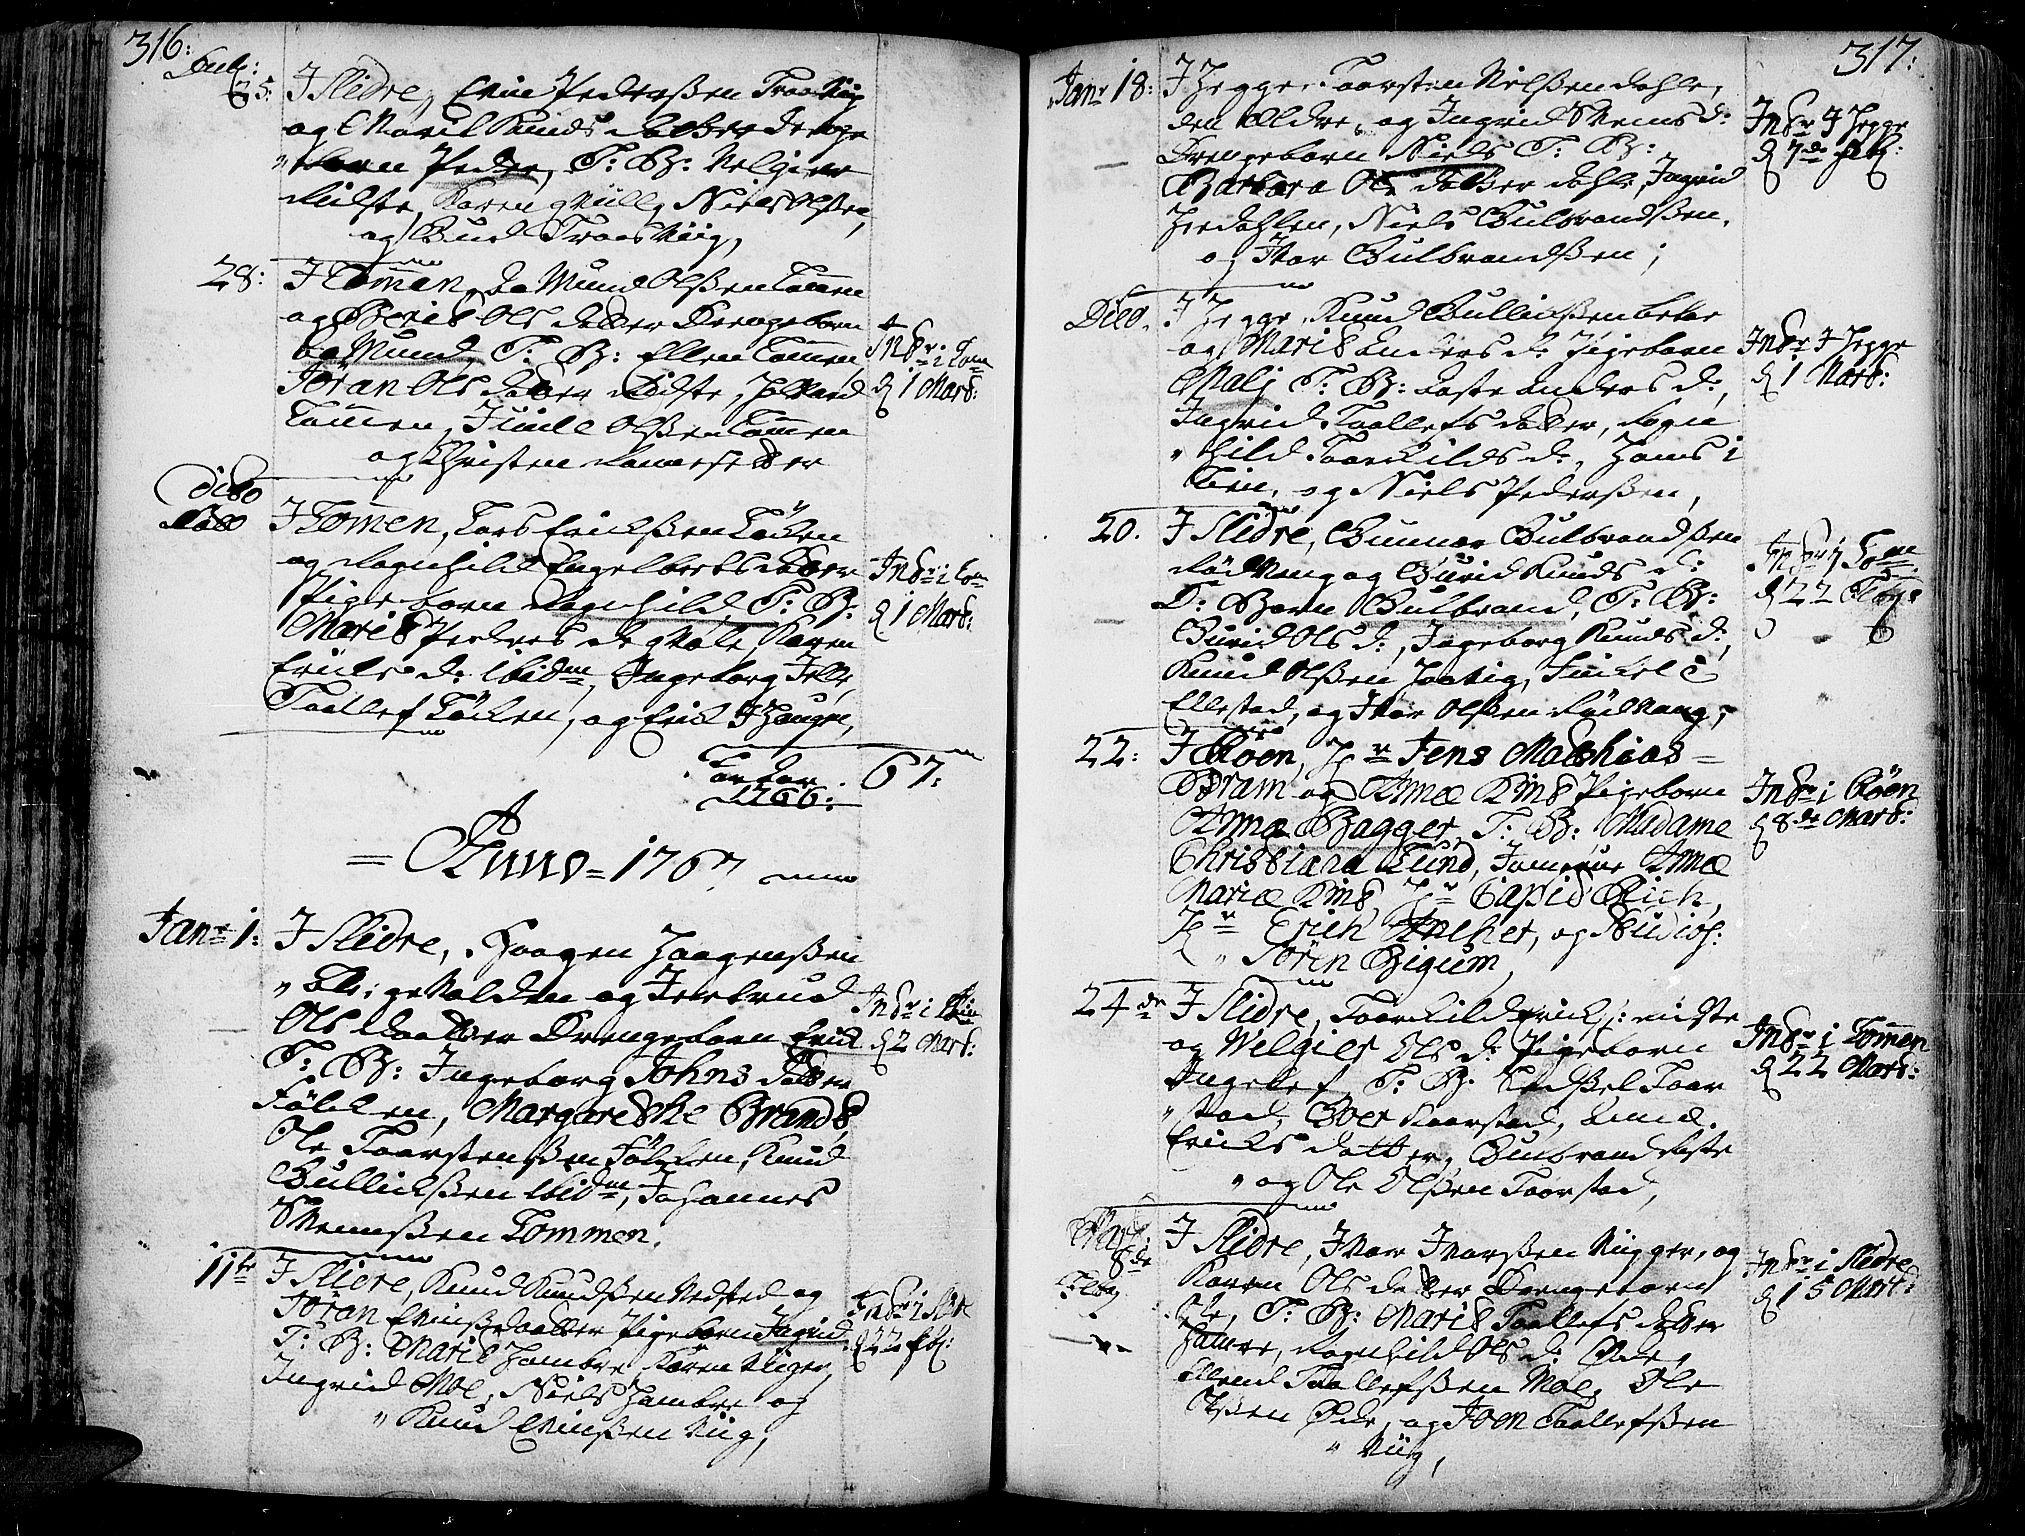 SAH, Slidre prestekontor, Ministerialbok nr. 1, 1724-1814, s. 316-317